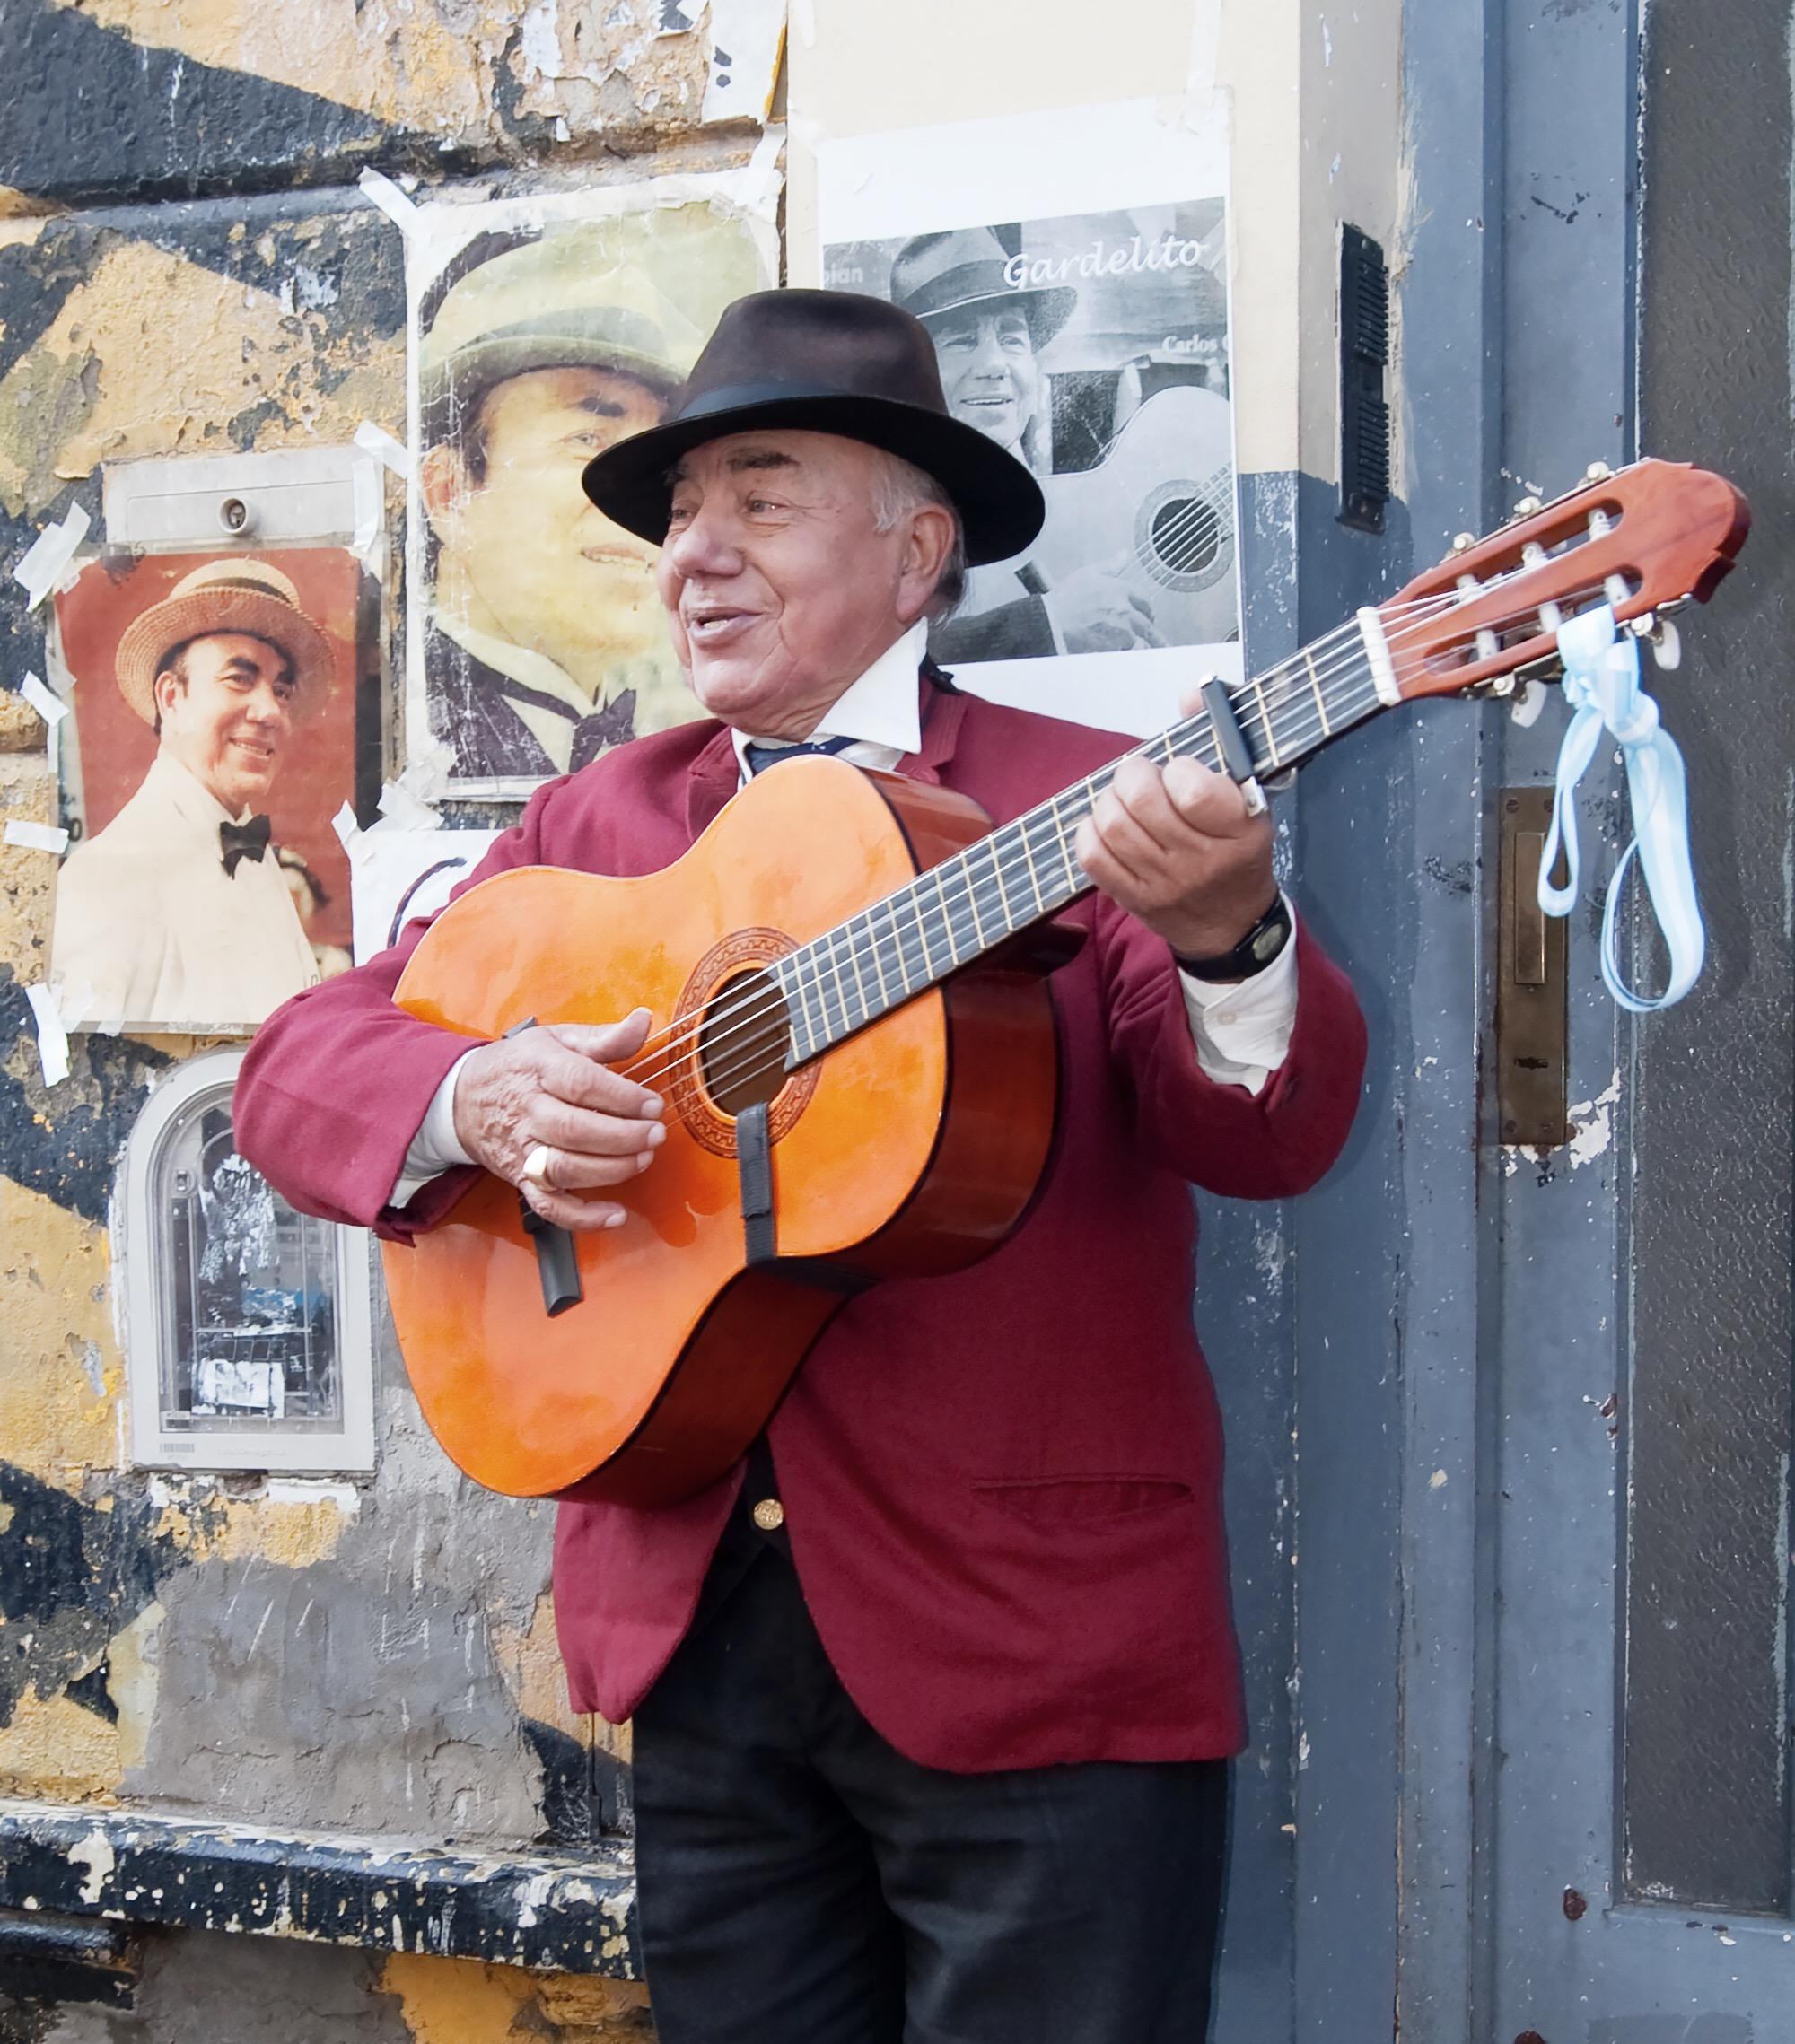 Argentine street performer